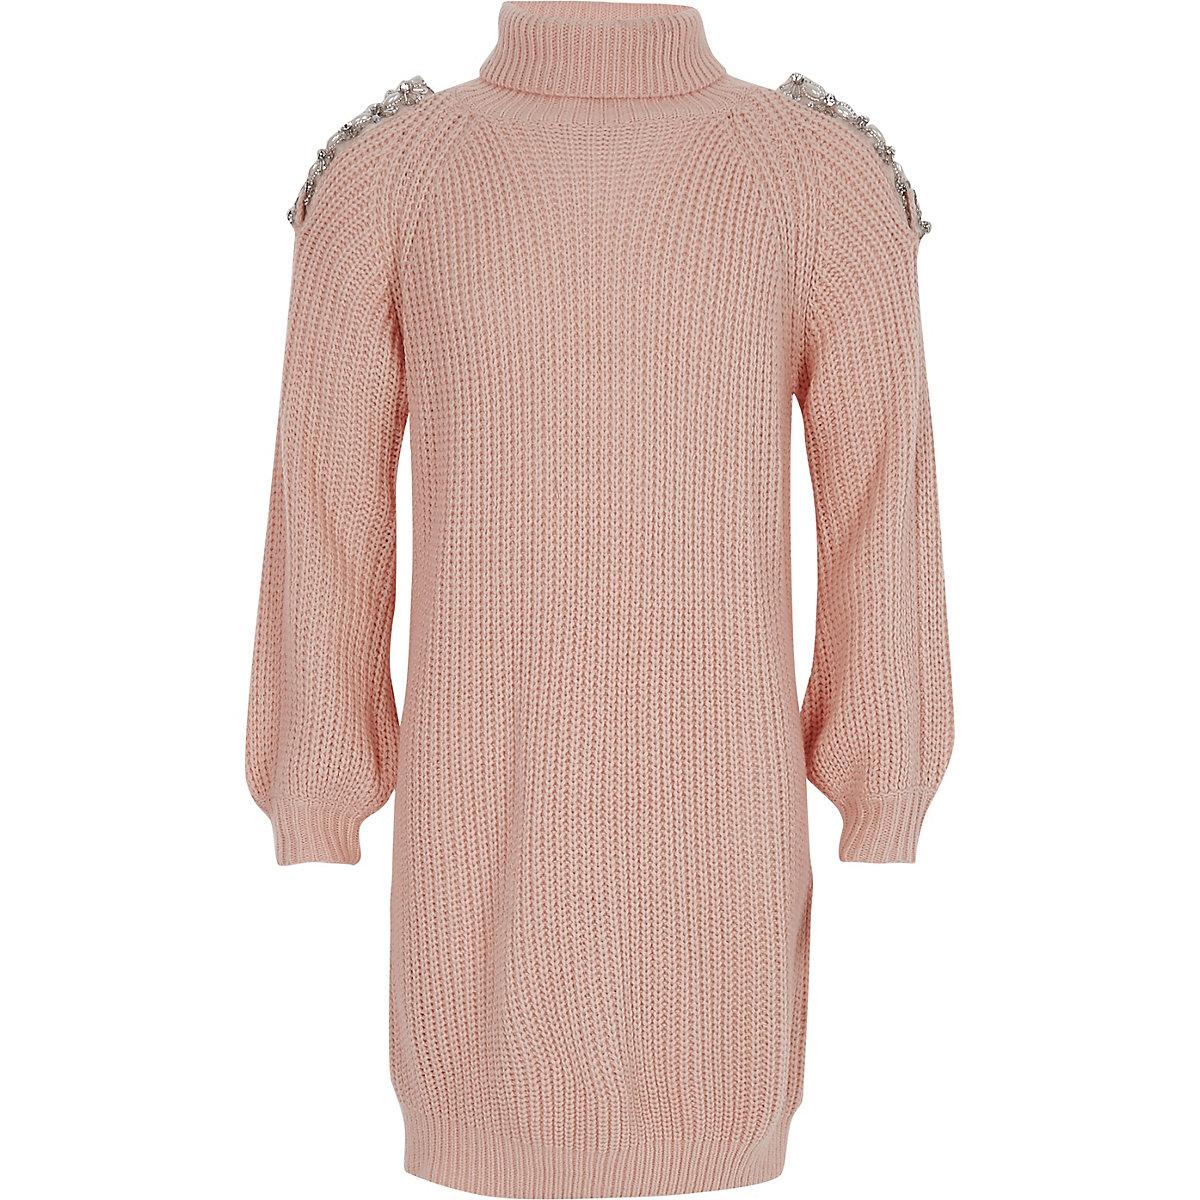 Girls pink knit cold shoulder jumper dress